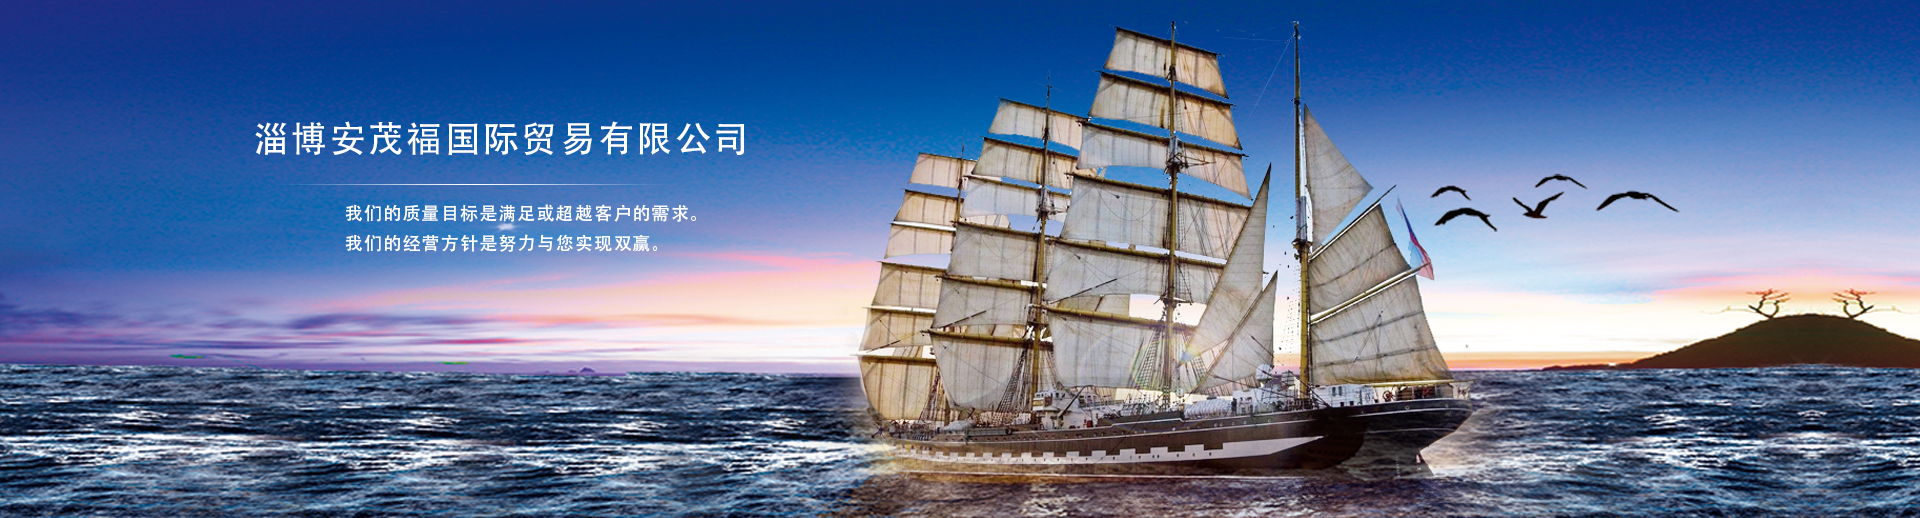 永利皇宫娱乐官网